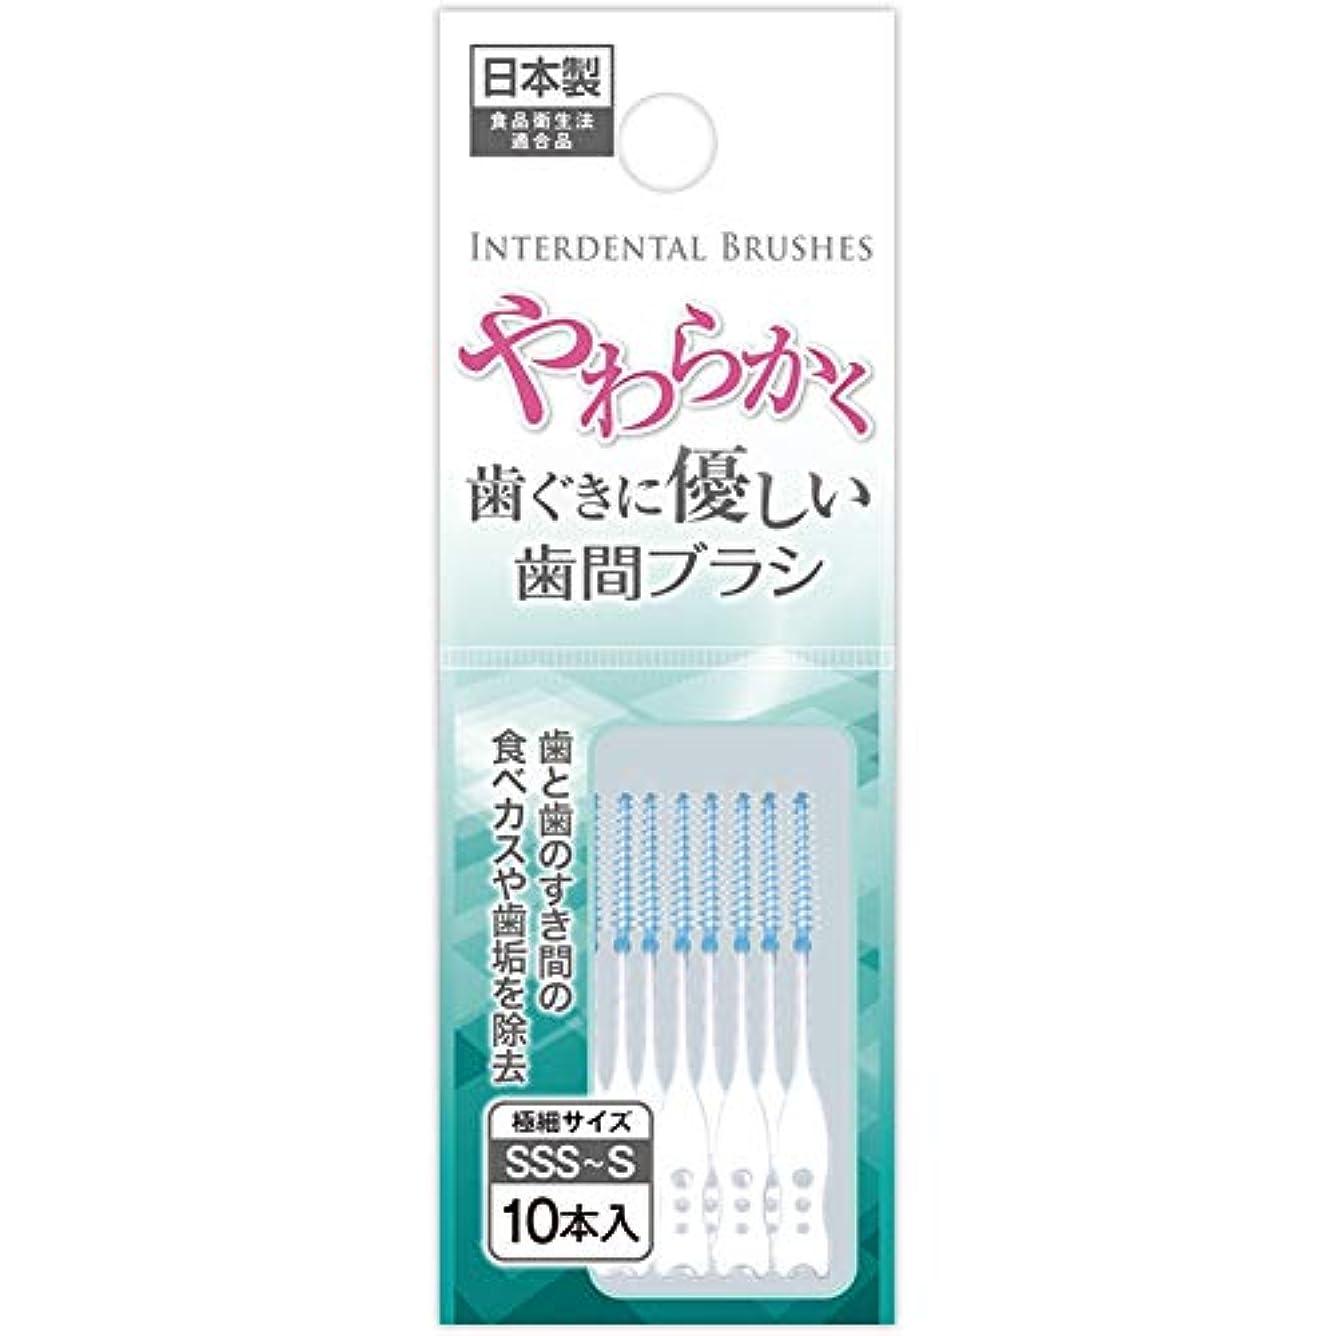 出来事北方契約する柔らかく優しい歯間ブラシSSS~S10本入 日本製 41-288【まとめ買い12個セット】